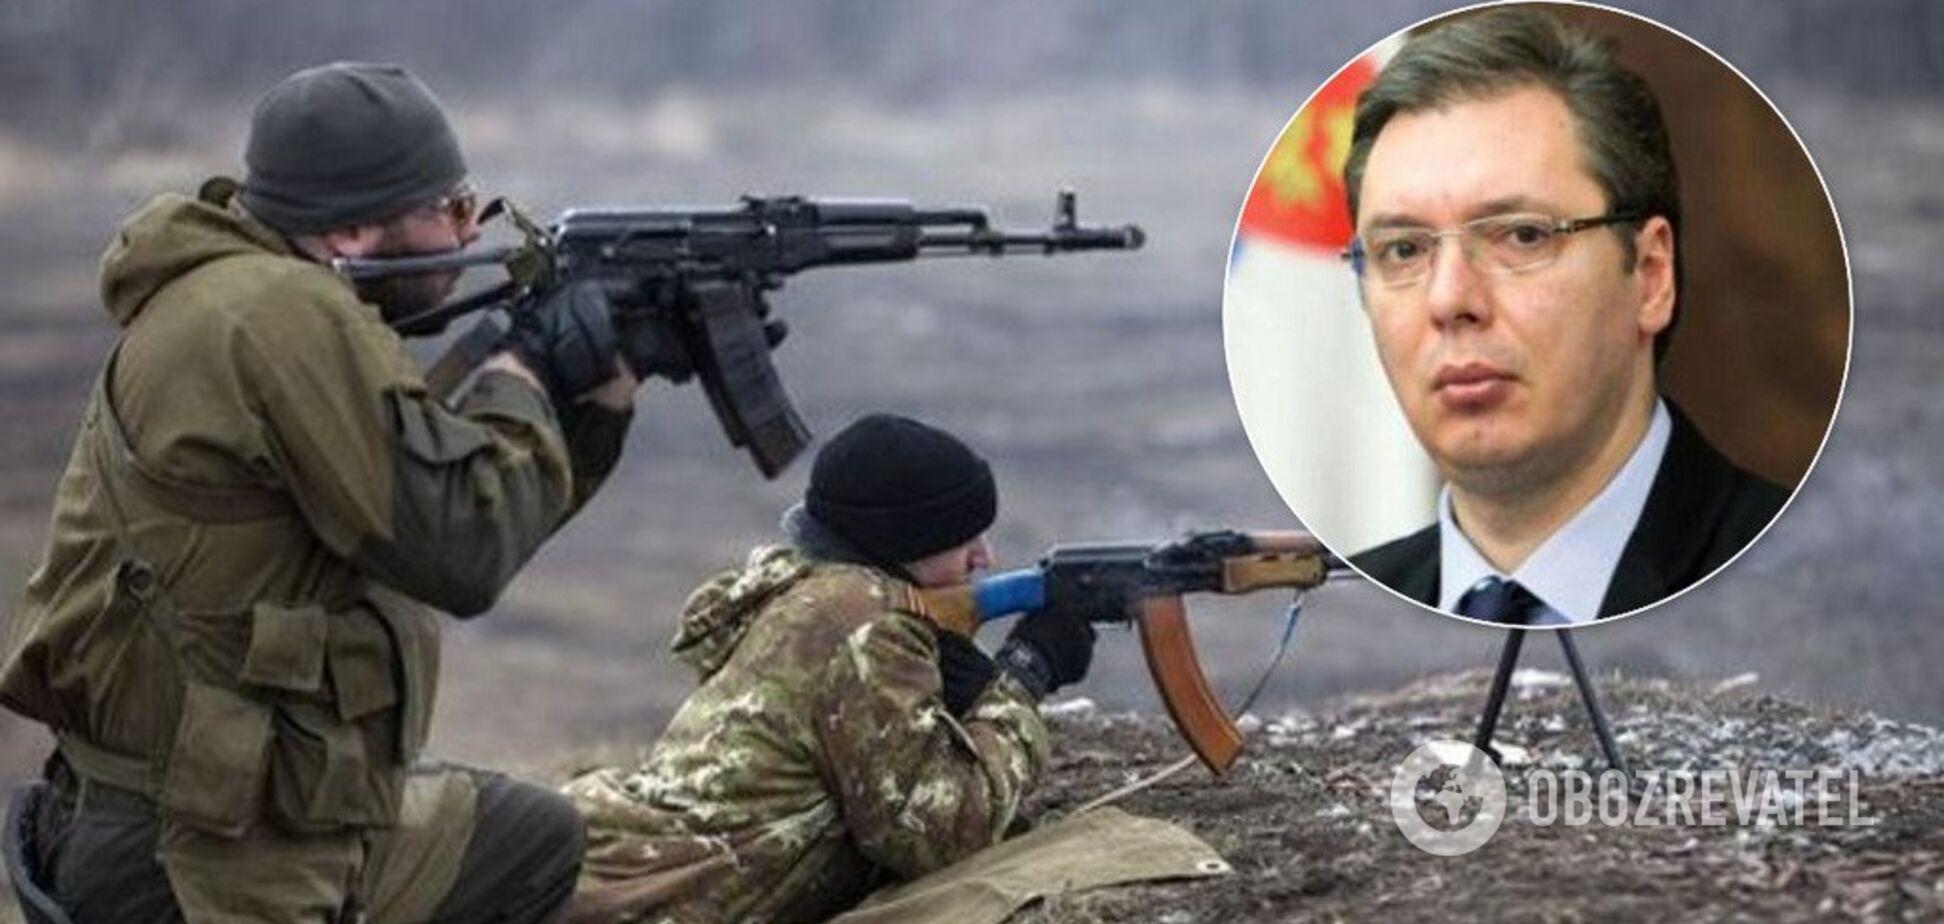 Нарываются на Путина: Сербия призналась, что ее оружие ушло на Донбасс